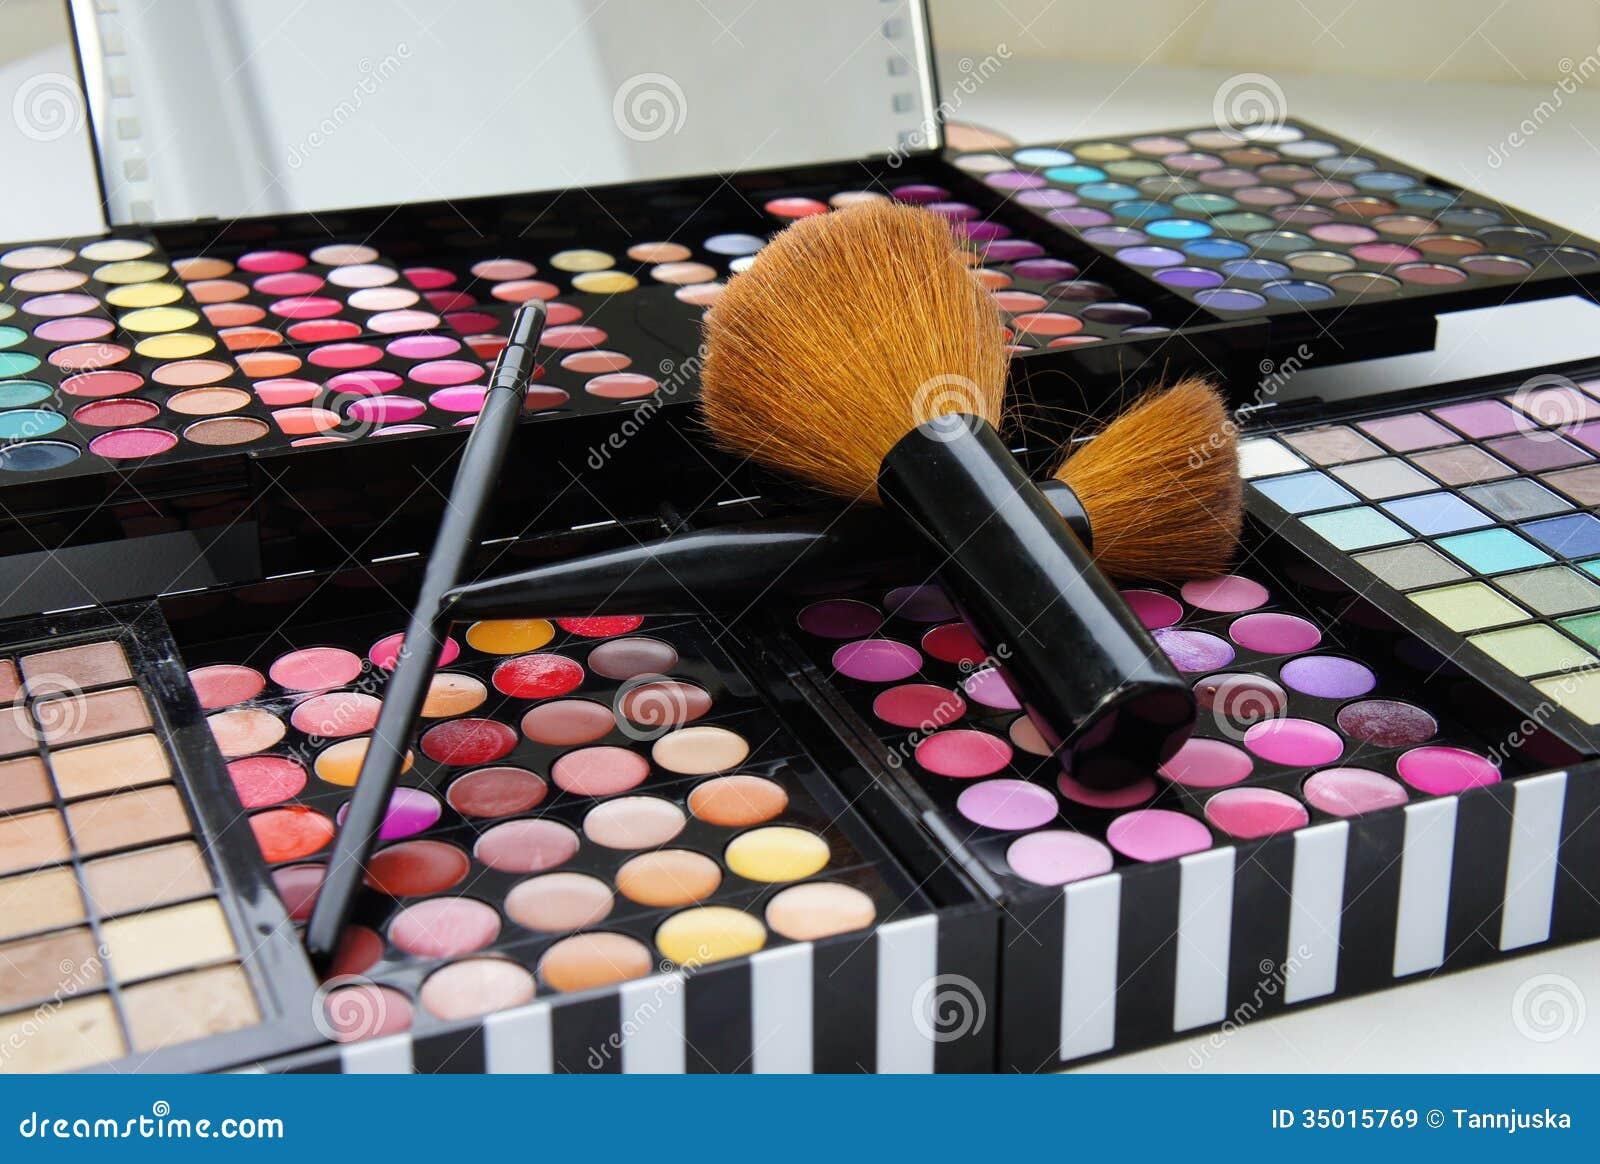 make up palette - Make Up